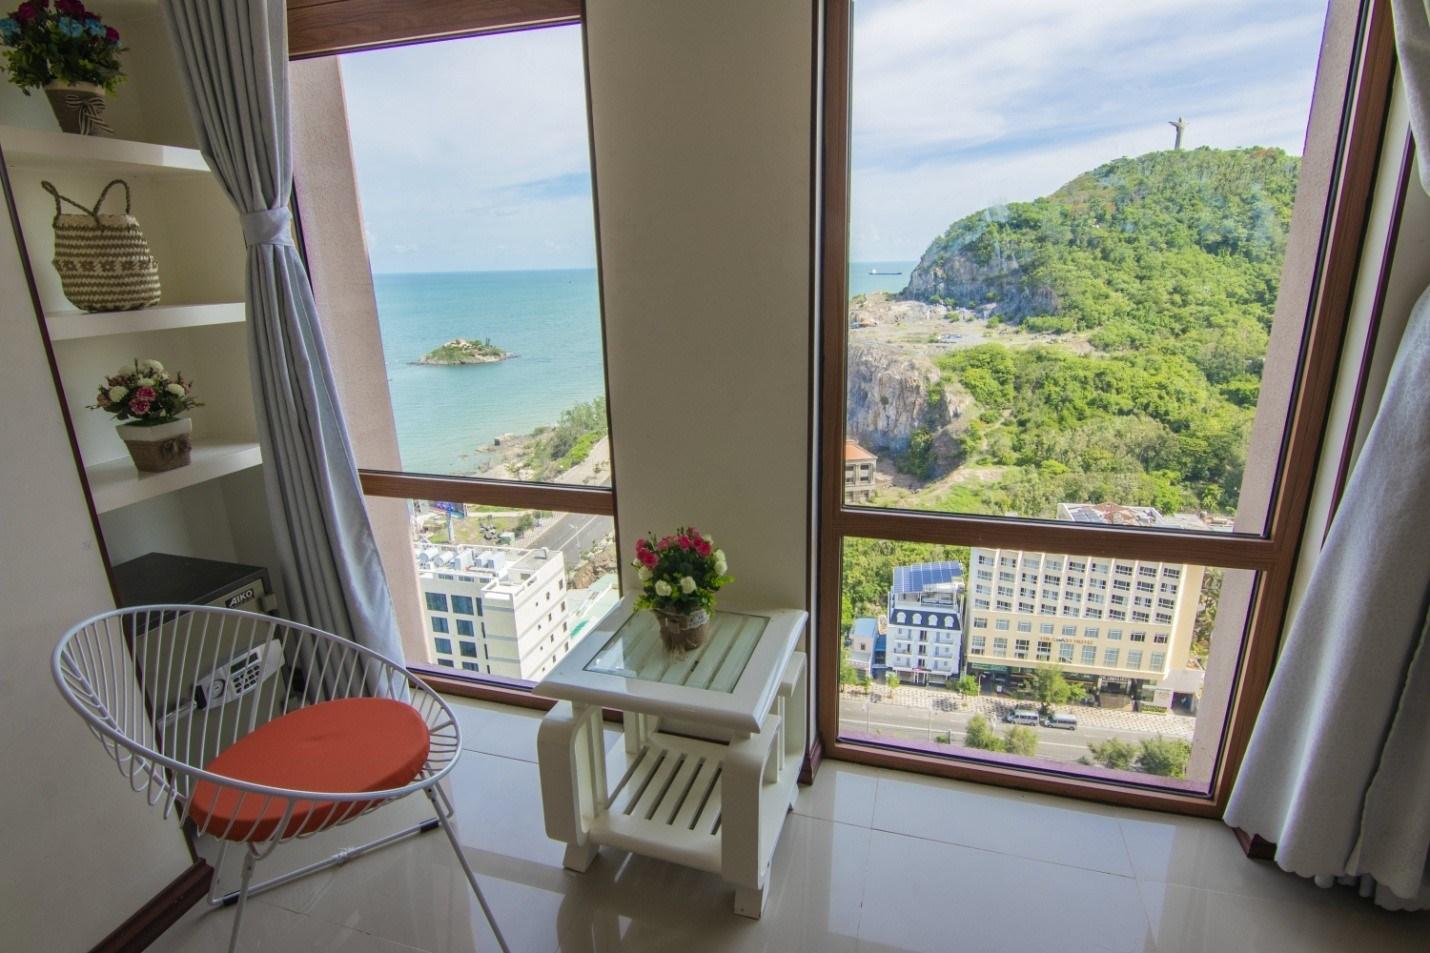 Green House Vũng Tàu 3: Căn hộ view biển Bãi Sau cực đẹp nên nghỉ dưỡng